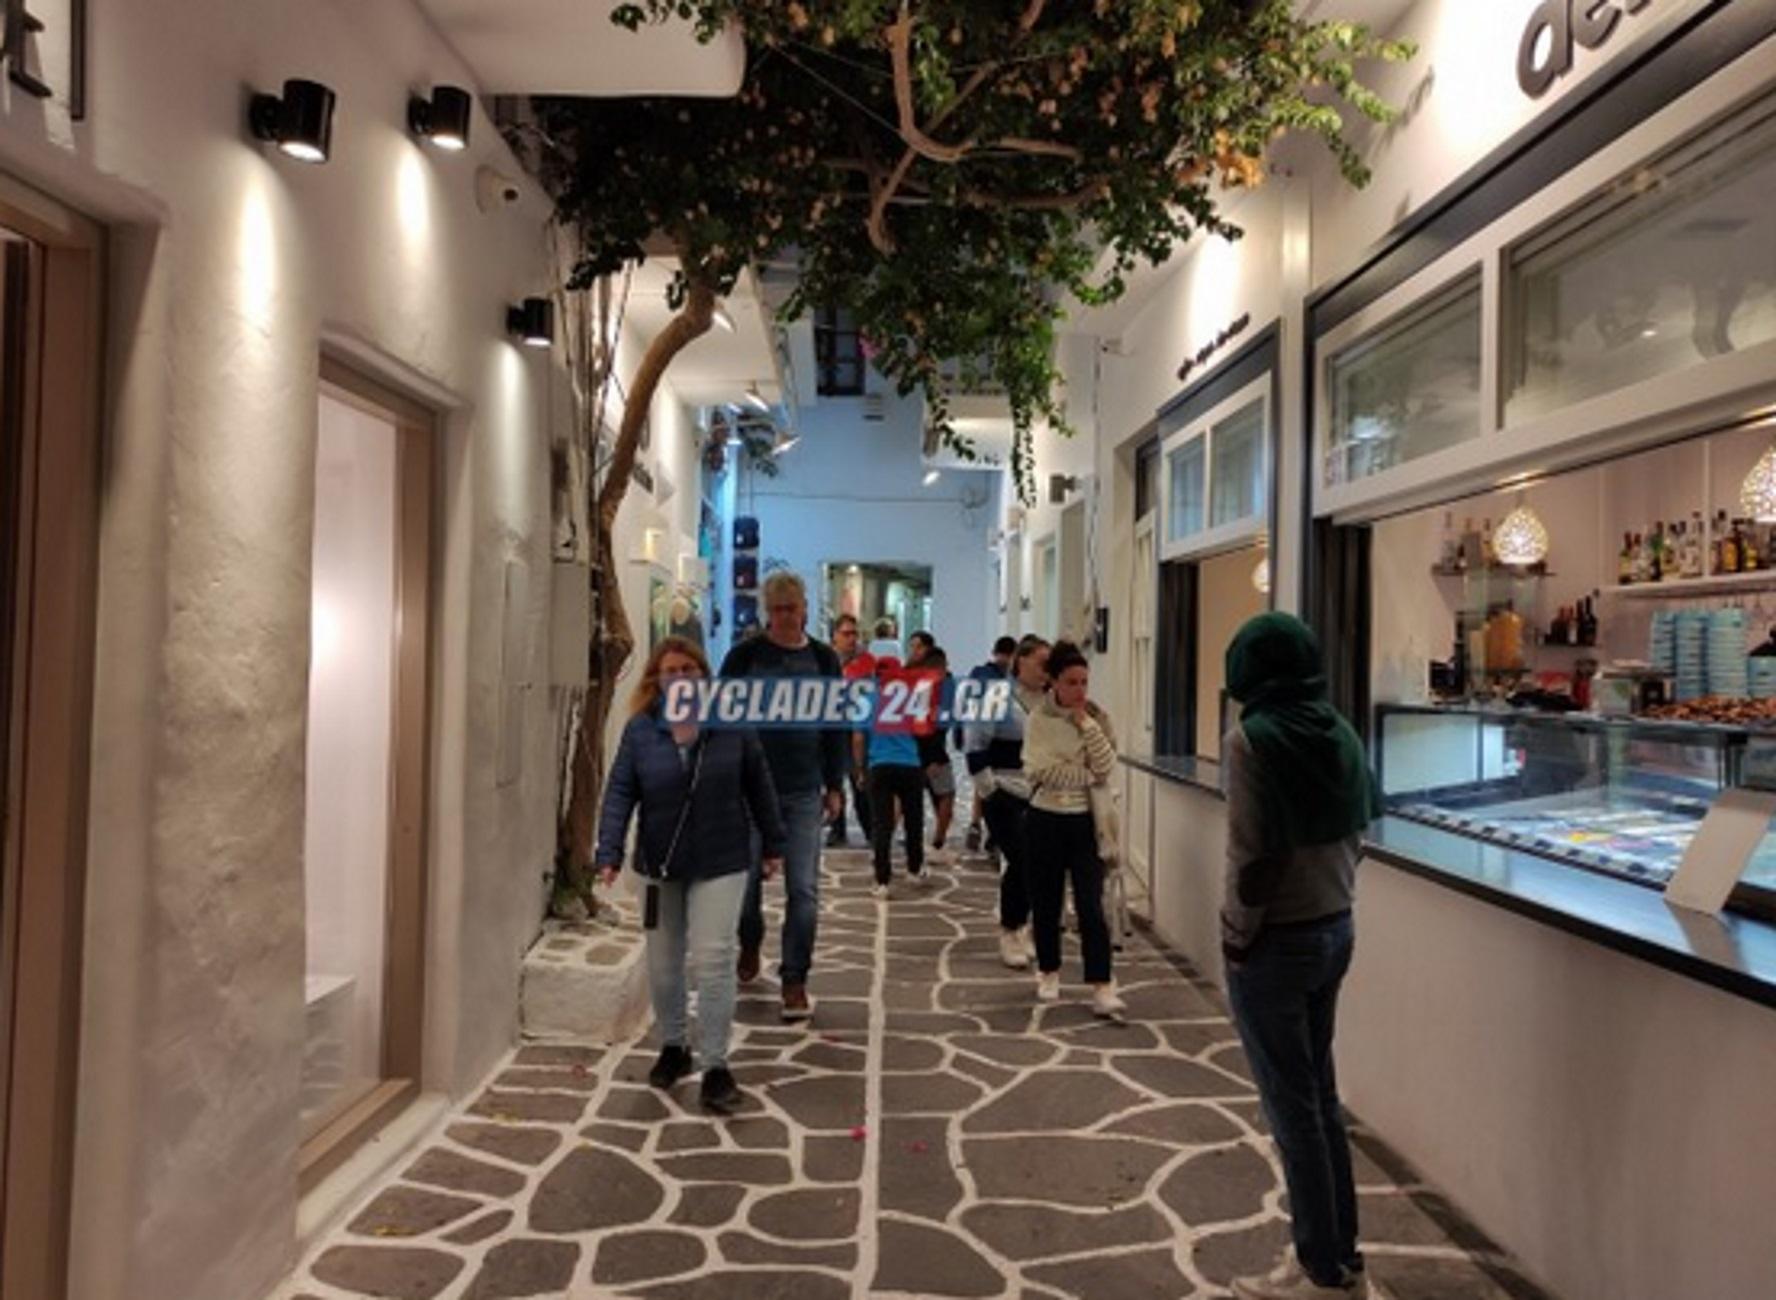 Πάρος: Η Νάουσα παραμένει σε ρυθμούς καλοκαιριού – Γεμάτα τα σοκάκια και τα καταστήματα